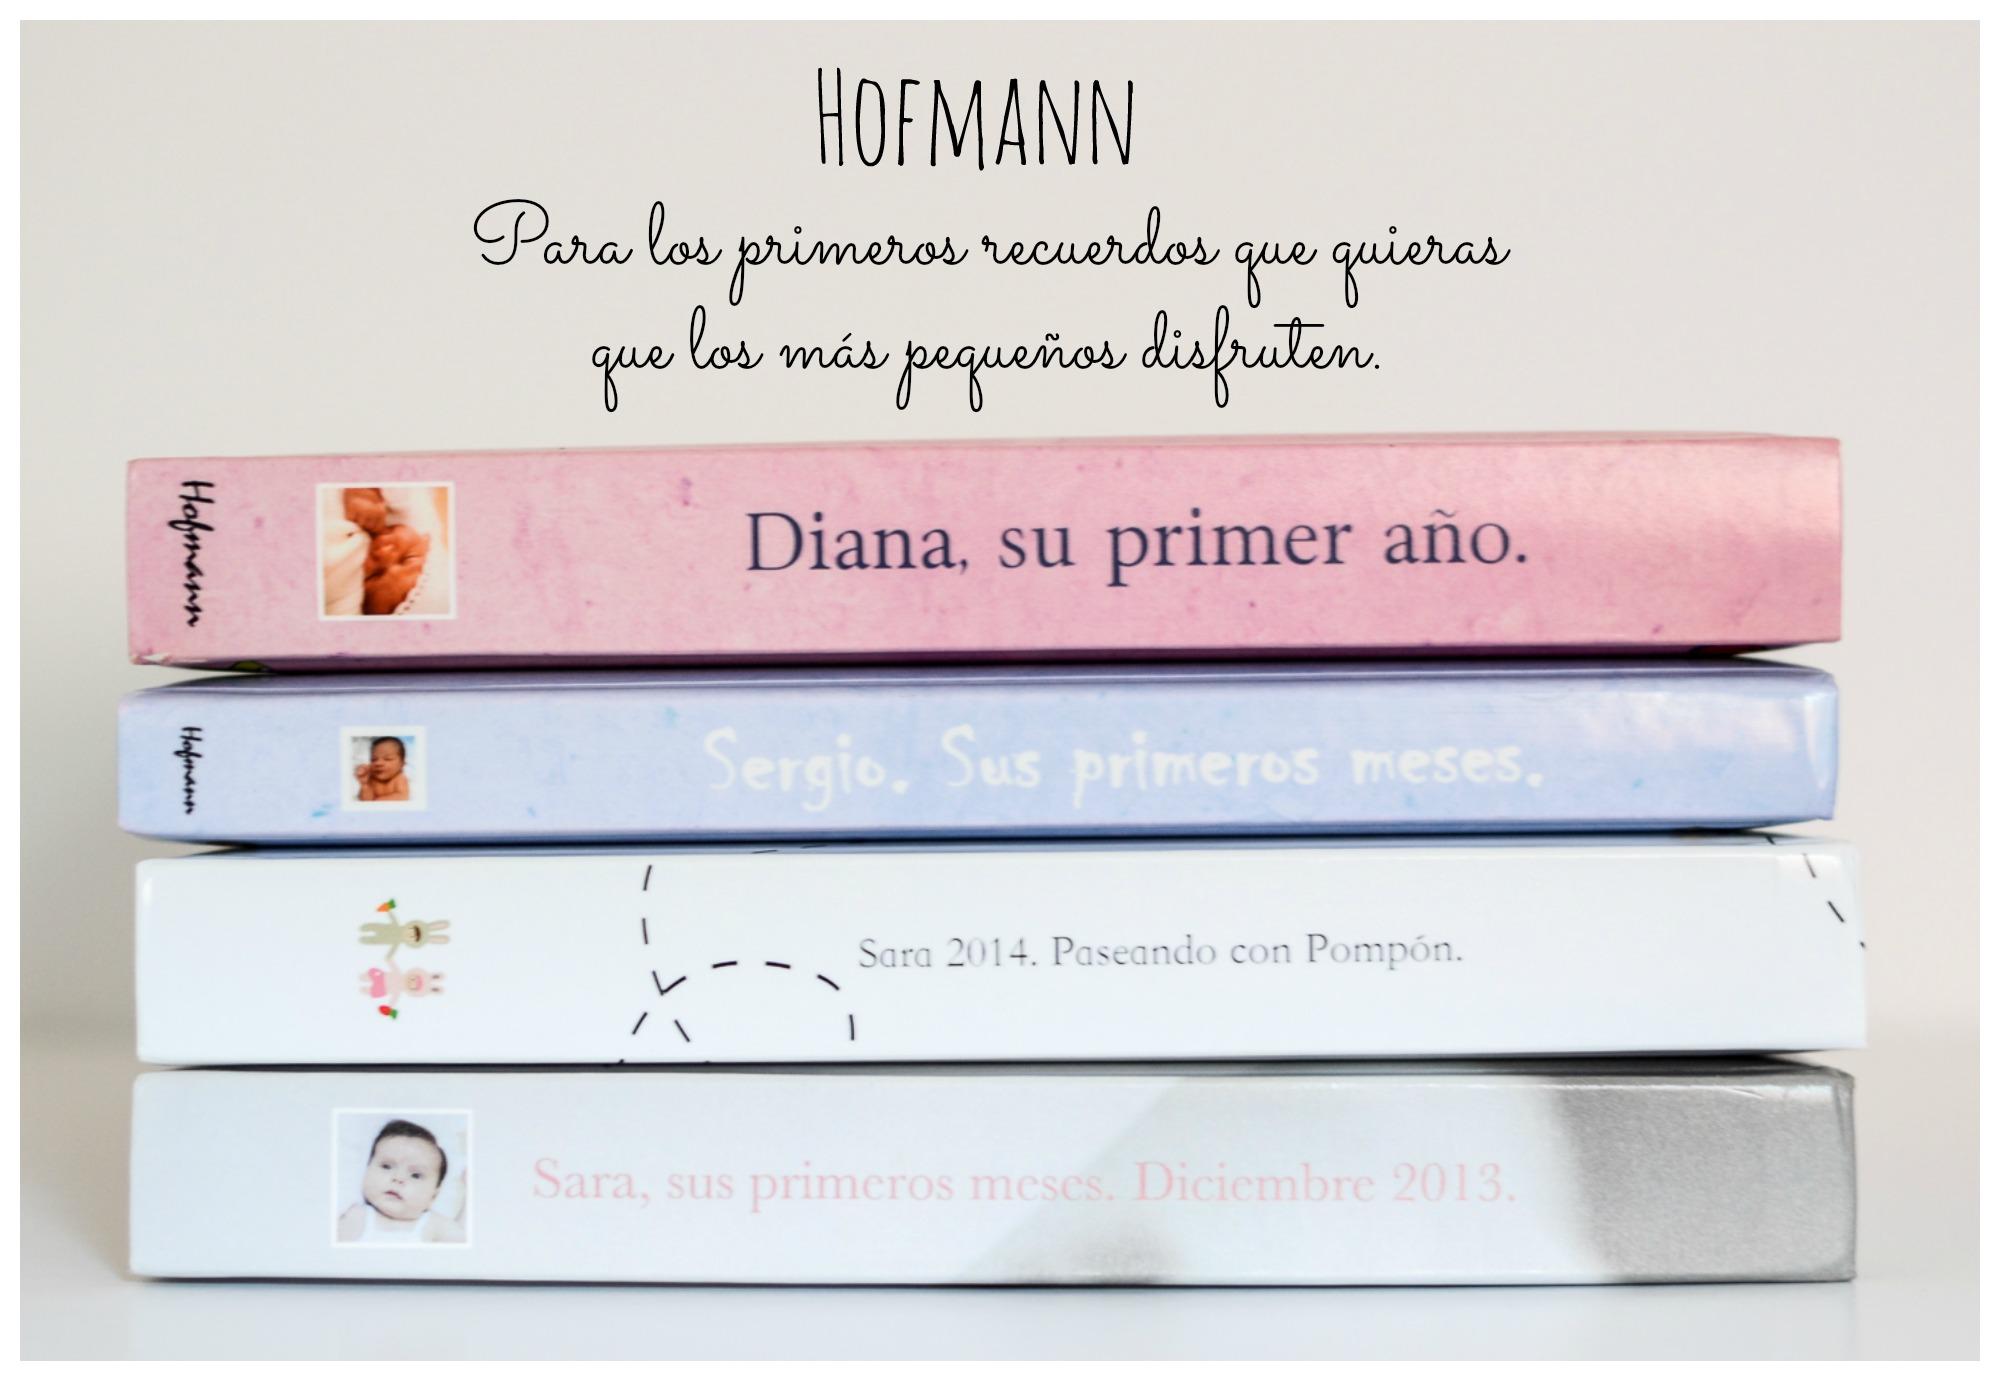 Hoffman para los primeros recuerdos...